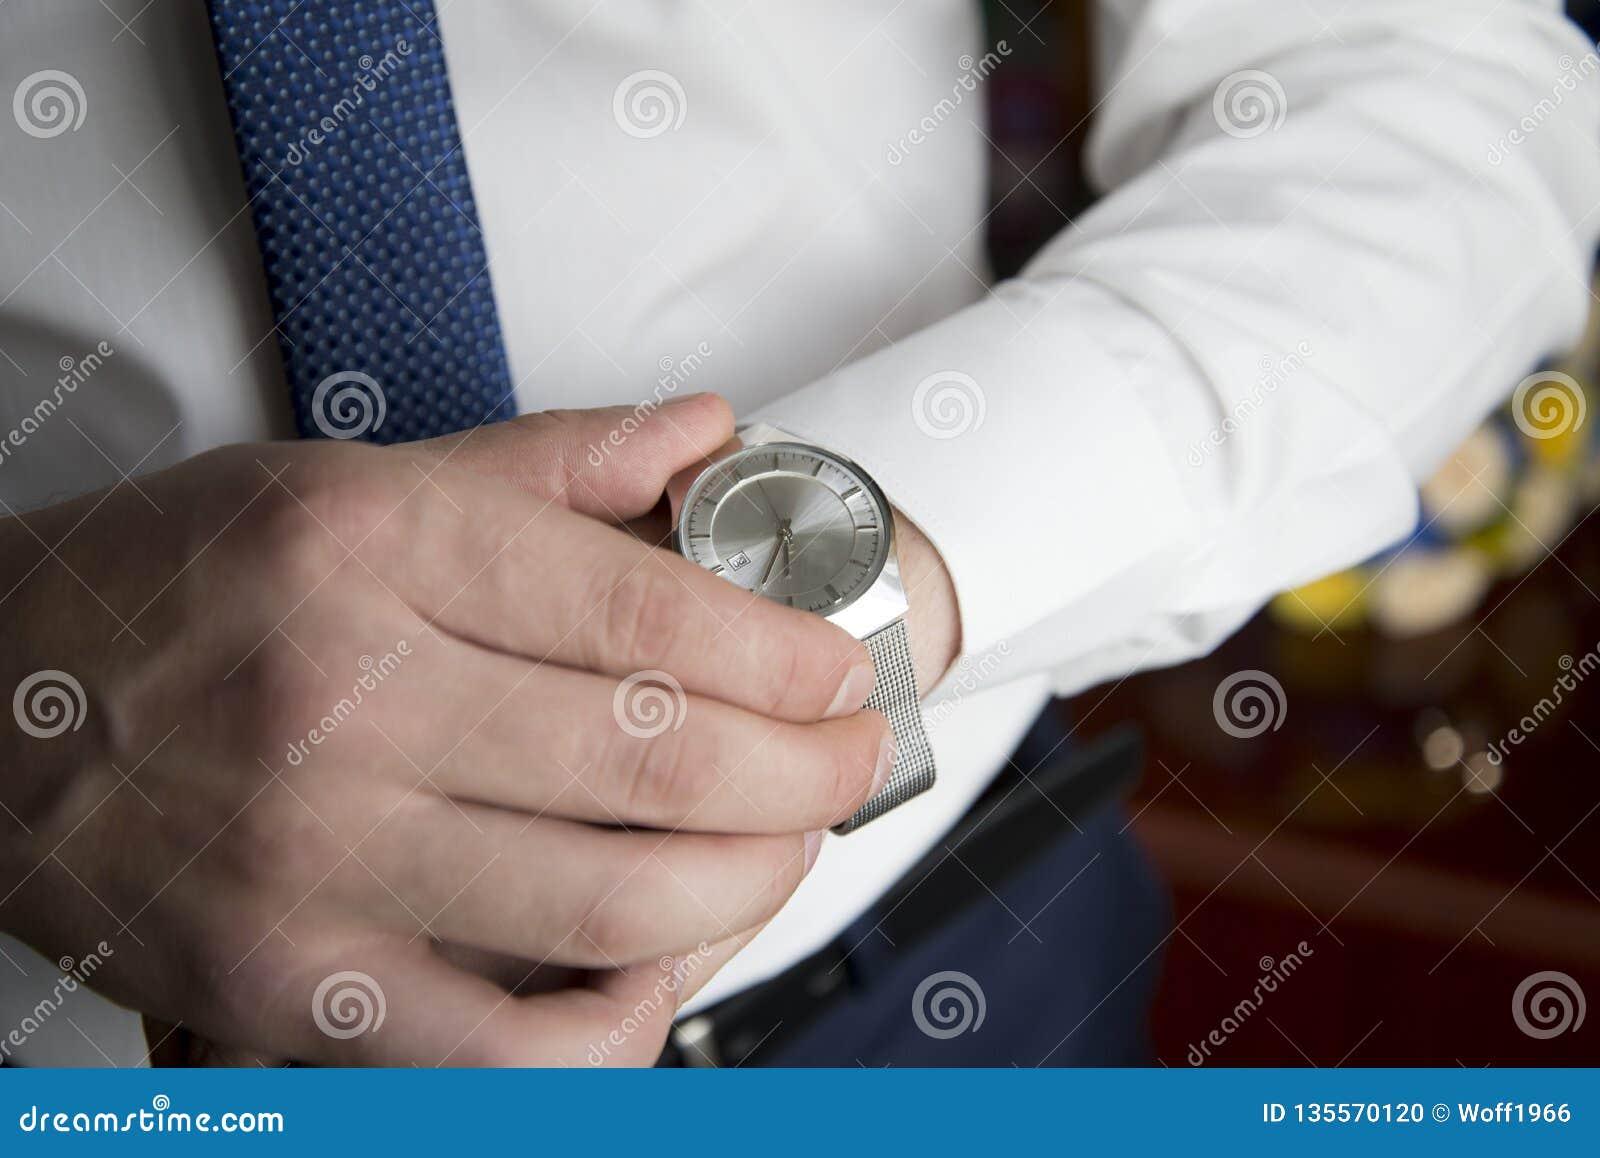 Το Wristwatch του κοριτσιού παραδίδει το μέτωπο ενός φορητού προσωπικού υπολογιστή